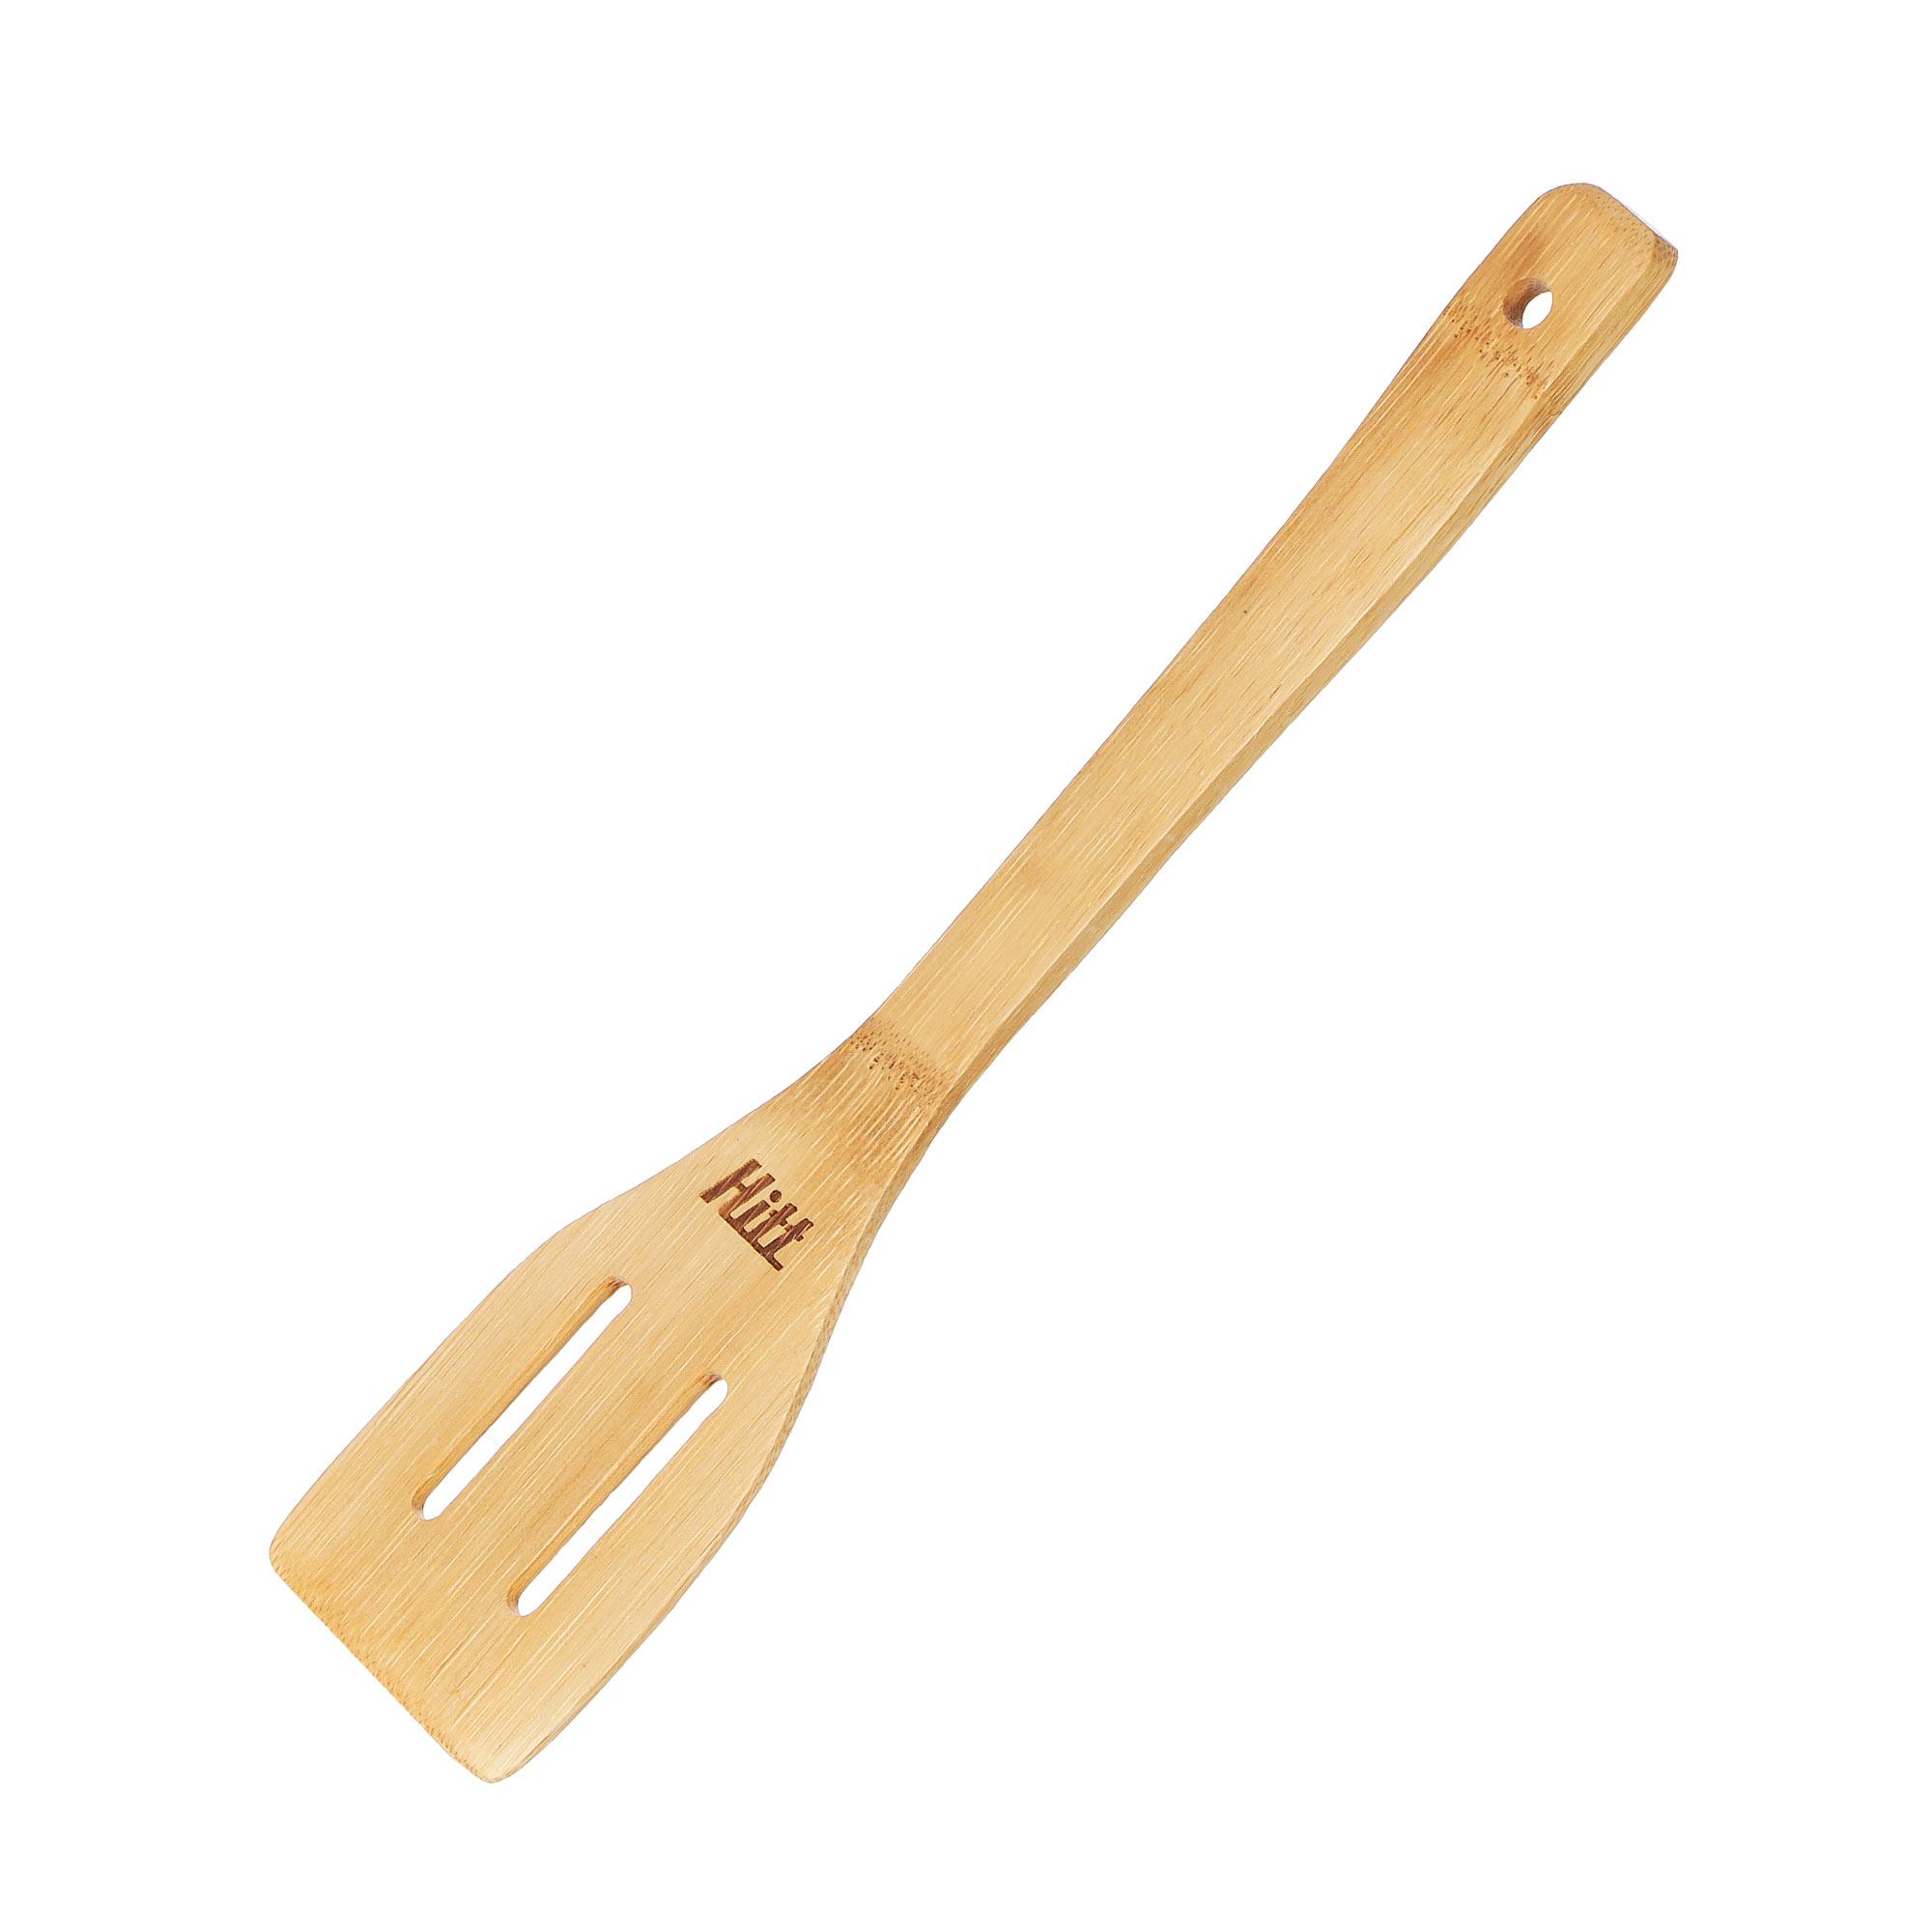 Лопатка бамбуковая Hitt Lifecare с прорезями